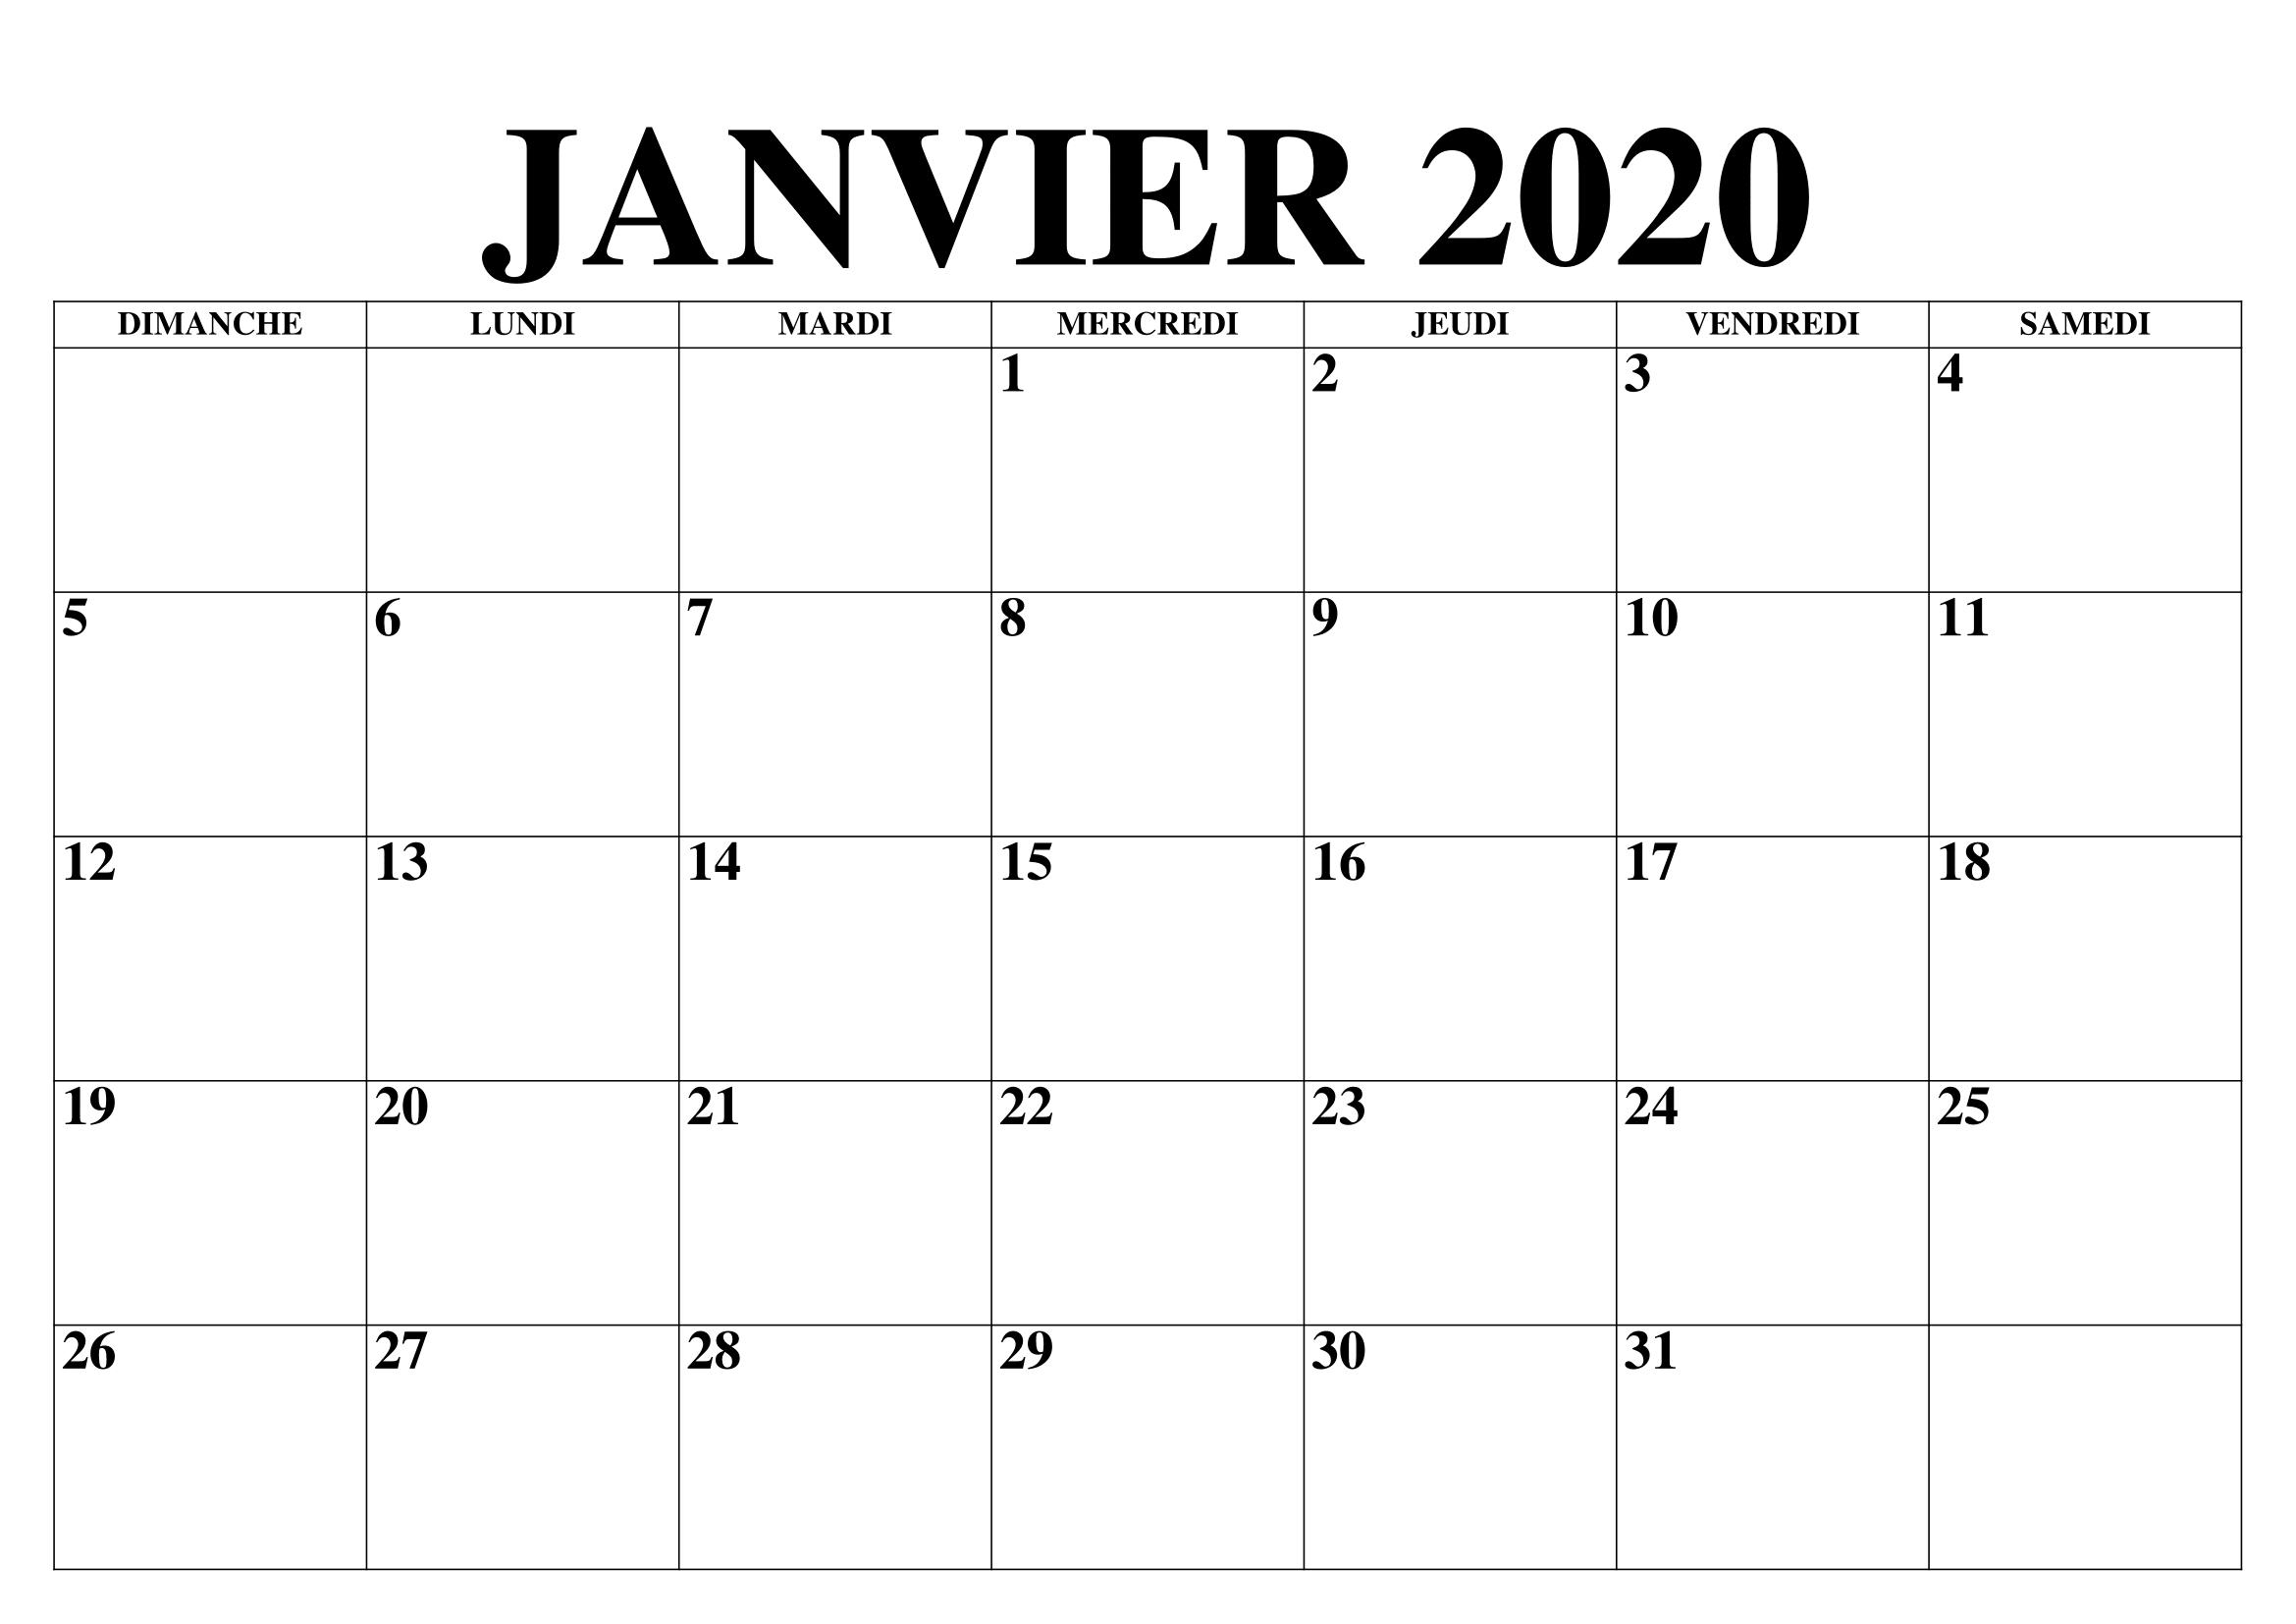 Calendrier Janvier 2020 Vacances À Imprimer | Calendrier 2020 avec Calendrier 2019 Avec Jours Fériés Vacances Scolaires À Imprimer